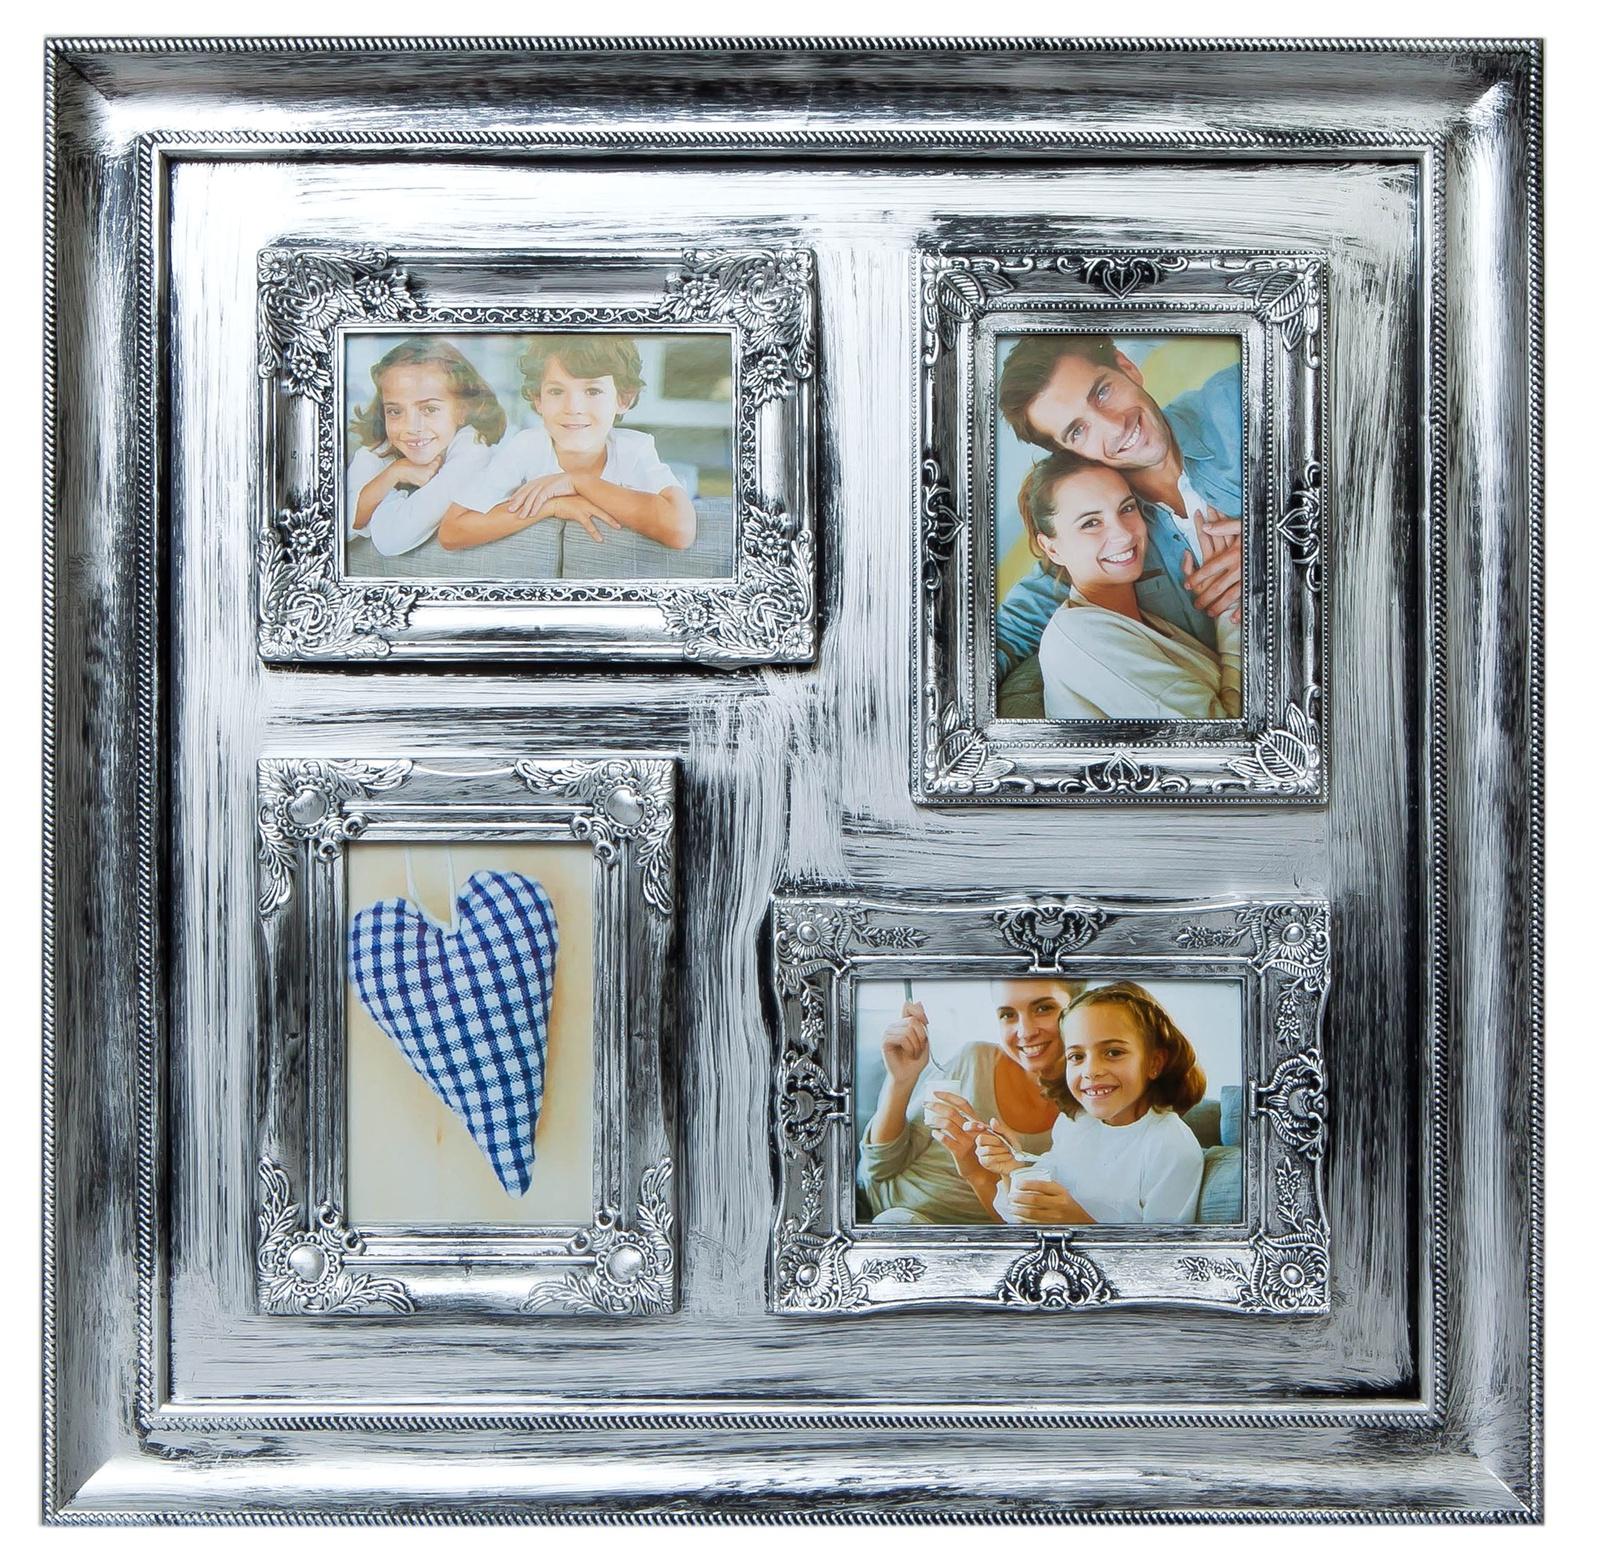 Фоторамка Platinum BIN-112134 S, серебристый фотоальбом platinum ландшафт 1 200 фотографий 10 х 15 см цвет зеленый голубой коричневый pp 46200s